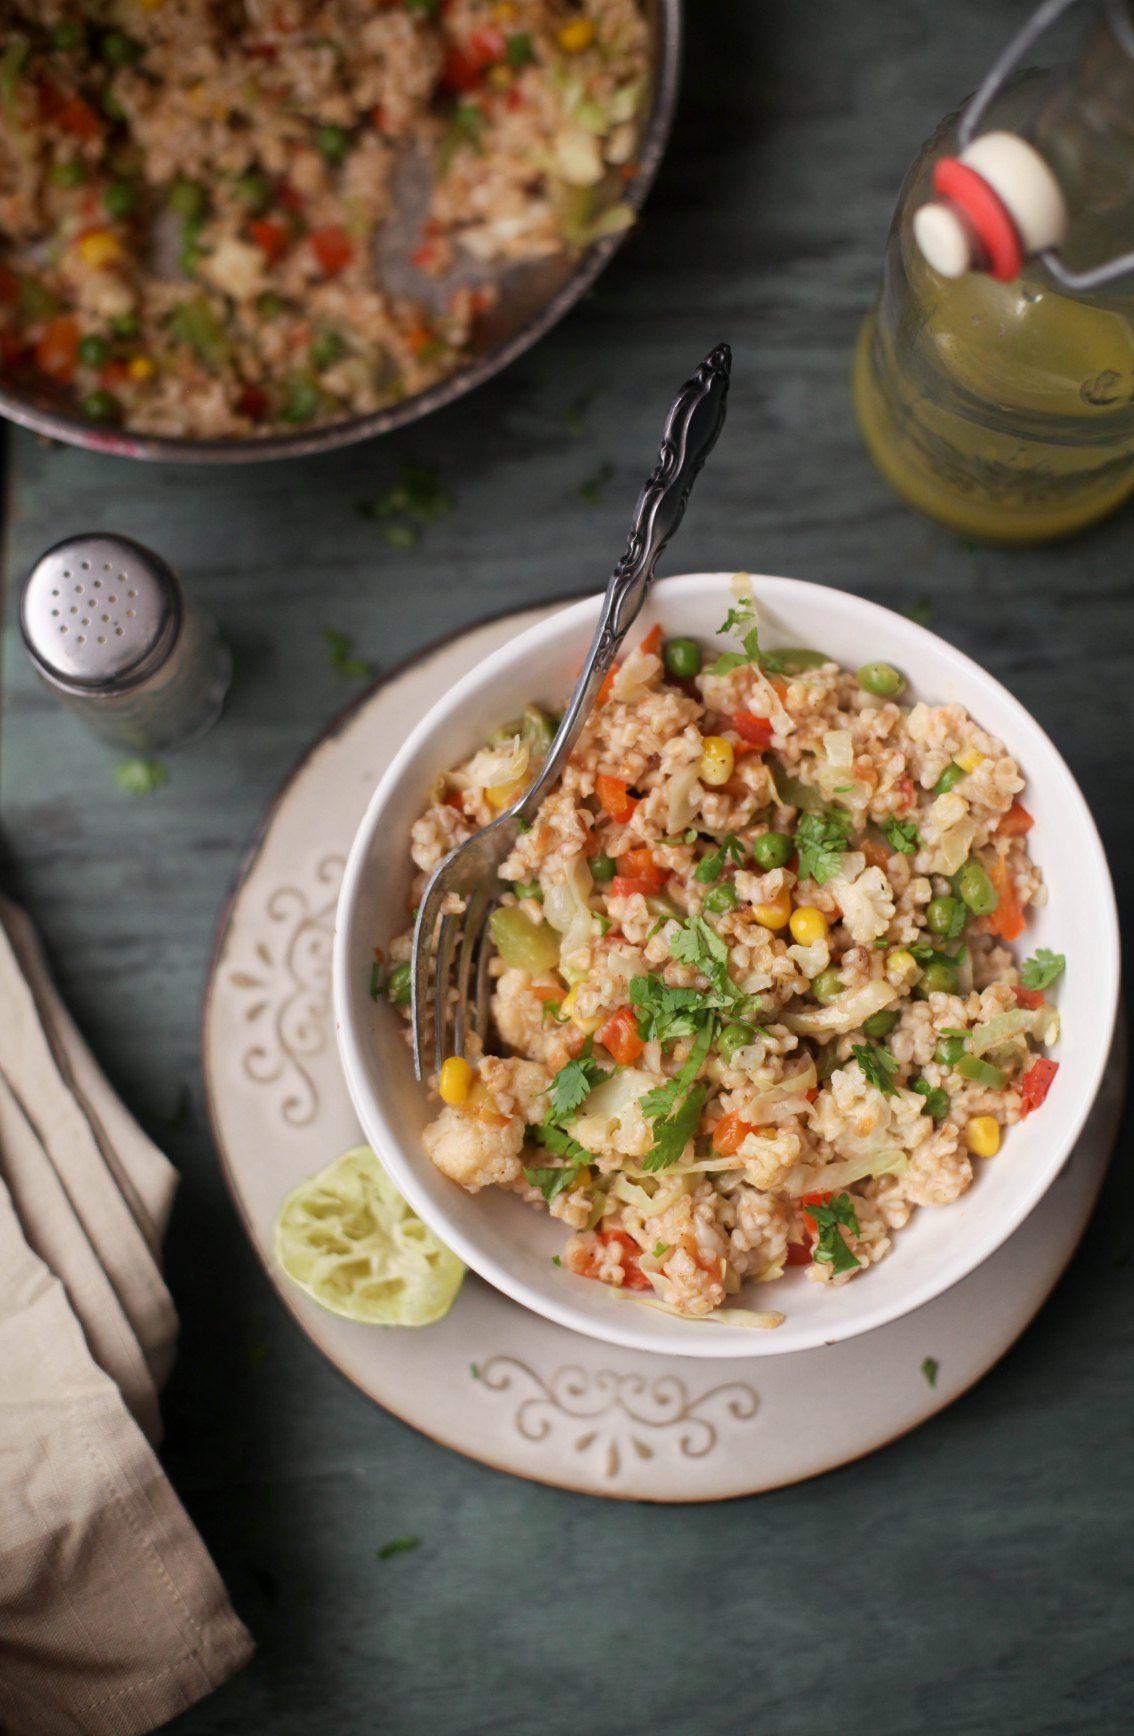 Namkeen Daliya, Savory Breakfast Oatmeal005, Sinfully Spicy